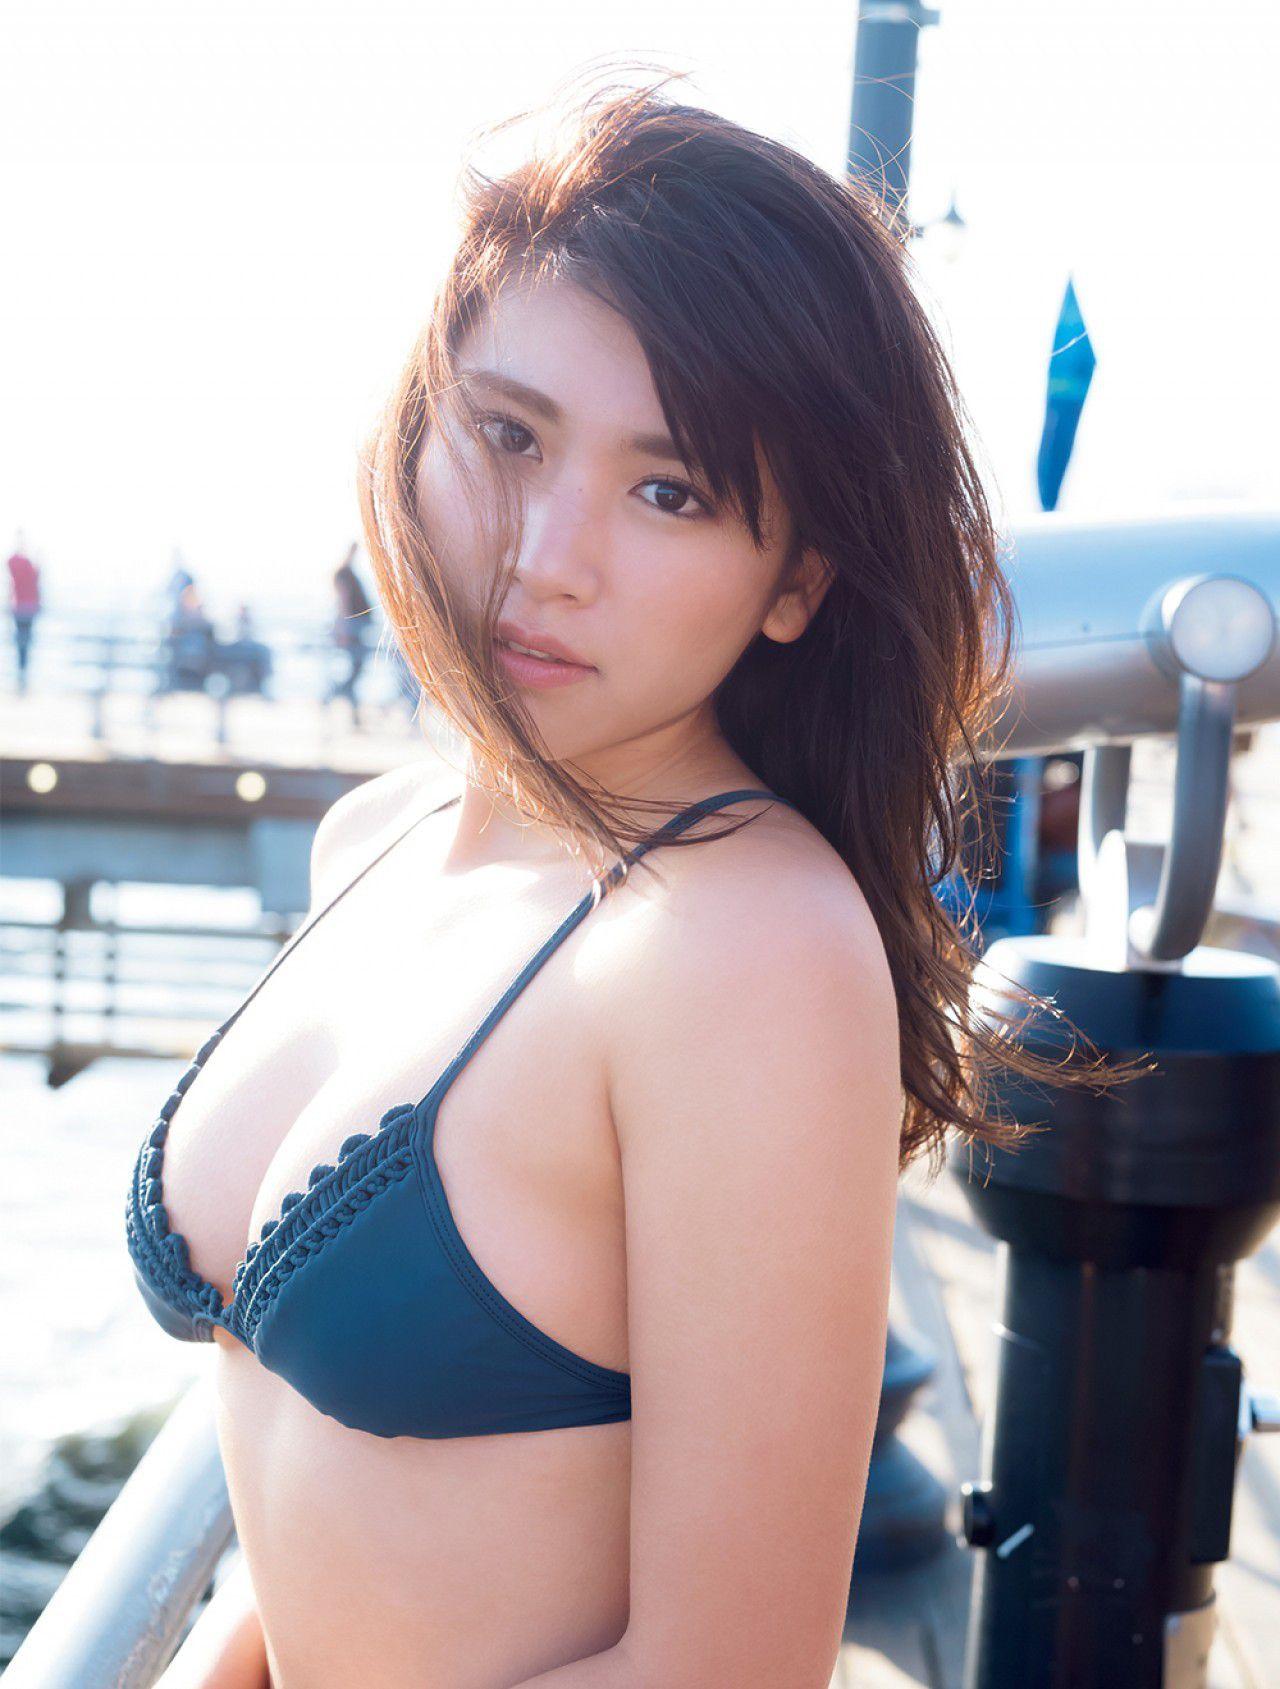 VOL.439 [FRIDAY]大胸日本萌妹子:久松郁实(久松郁実)超高清写真套图(14P)